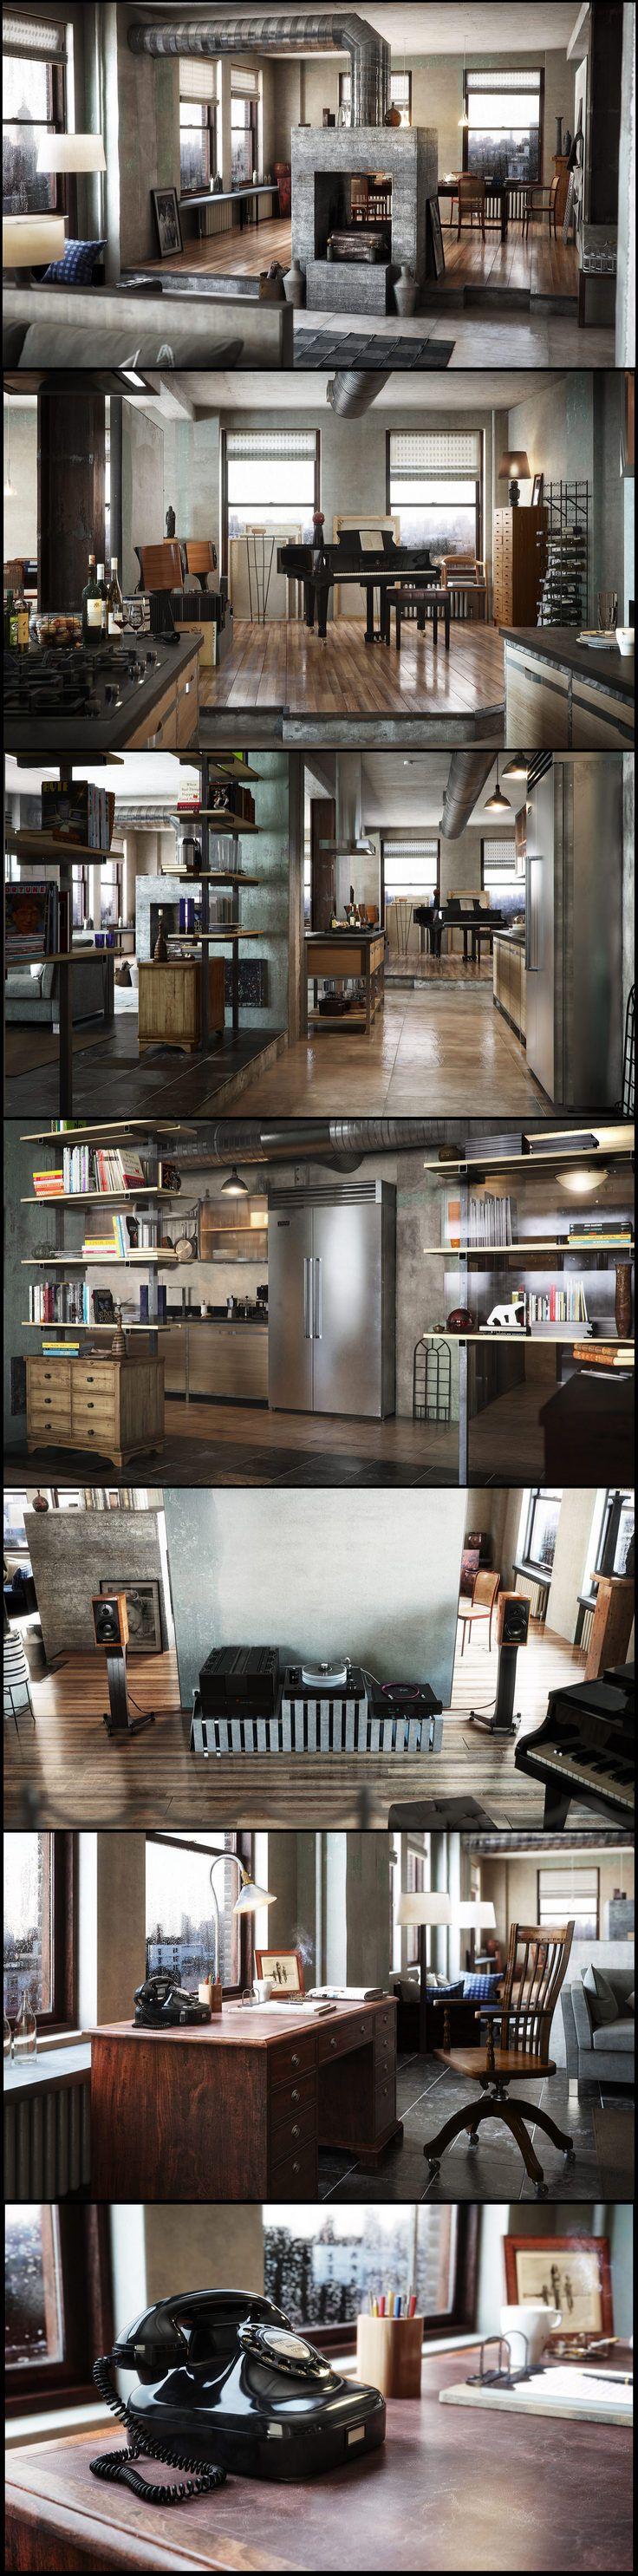 new york apartment e camp pinterest wohnen einrichtung und architektur. Black Bedroom Furniture Sets. Home Design Ideas